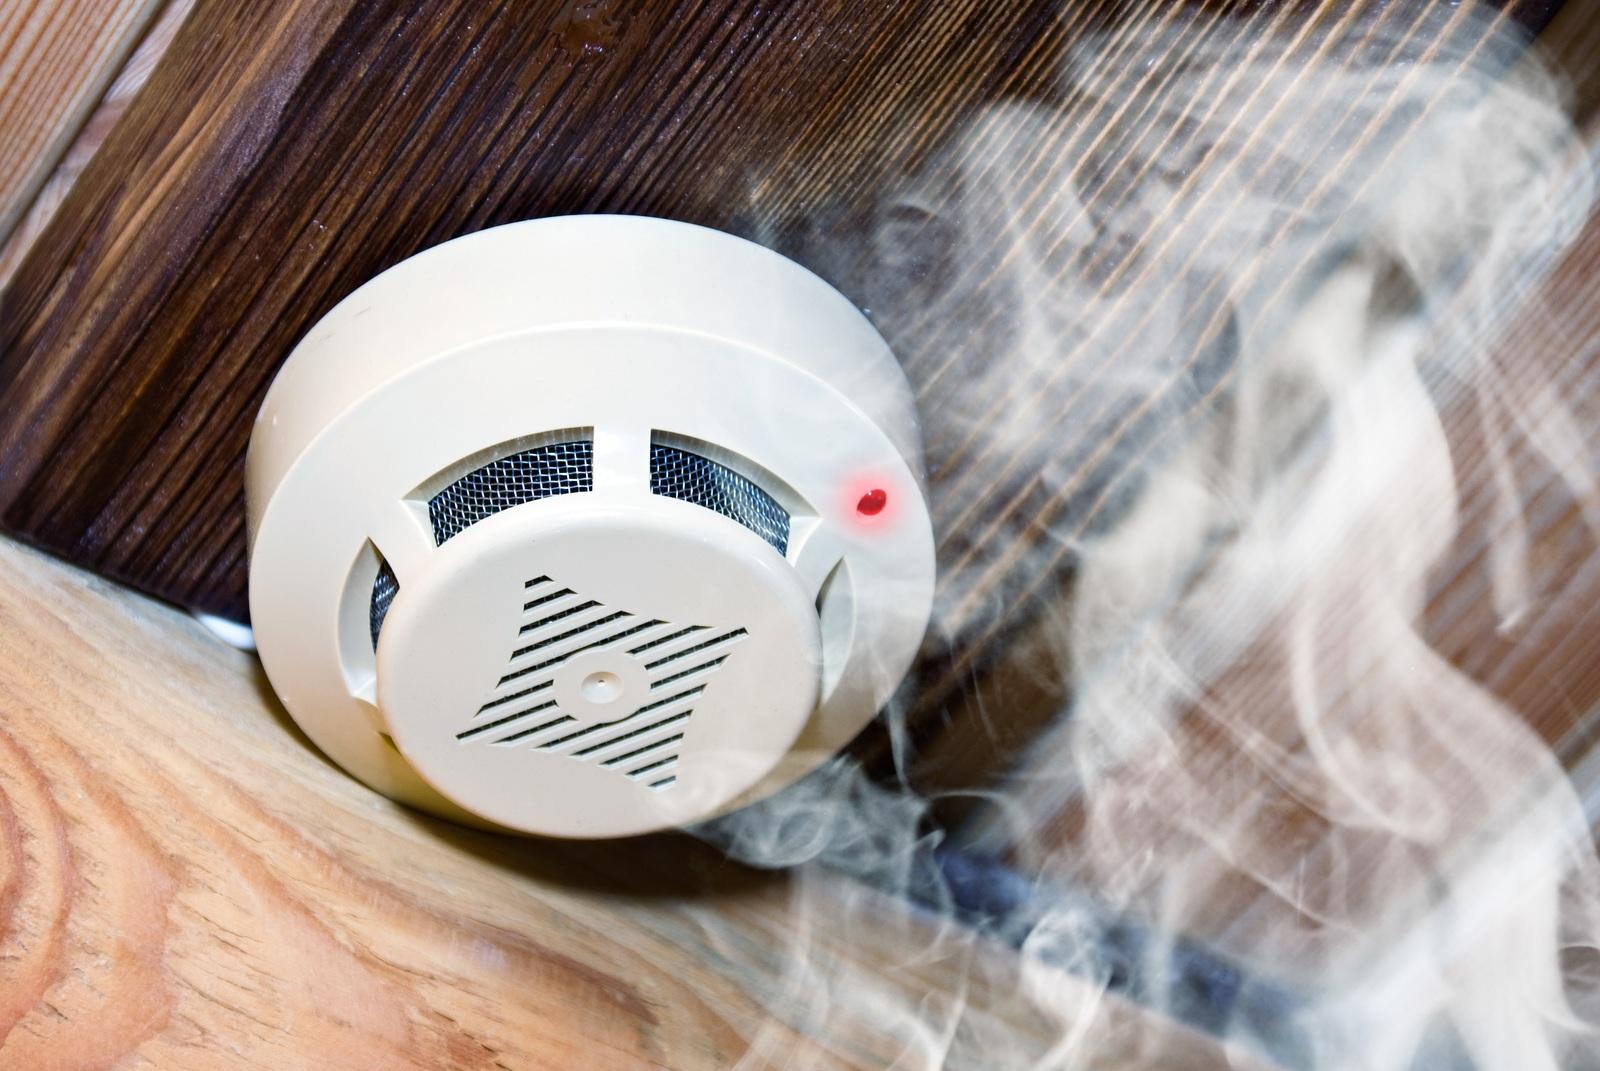 Автономные дымовые извещатели планируют устанавливать в каждой новостройке